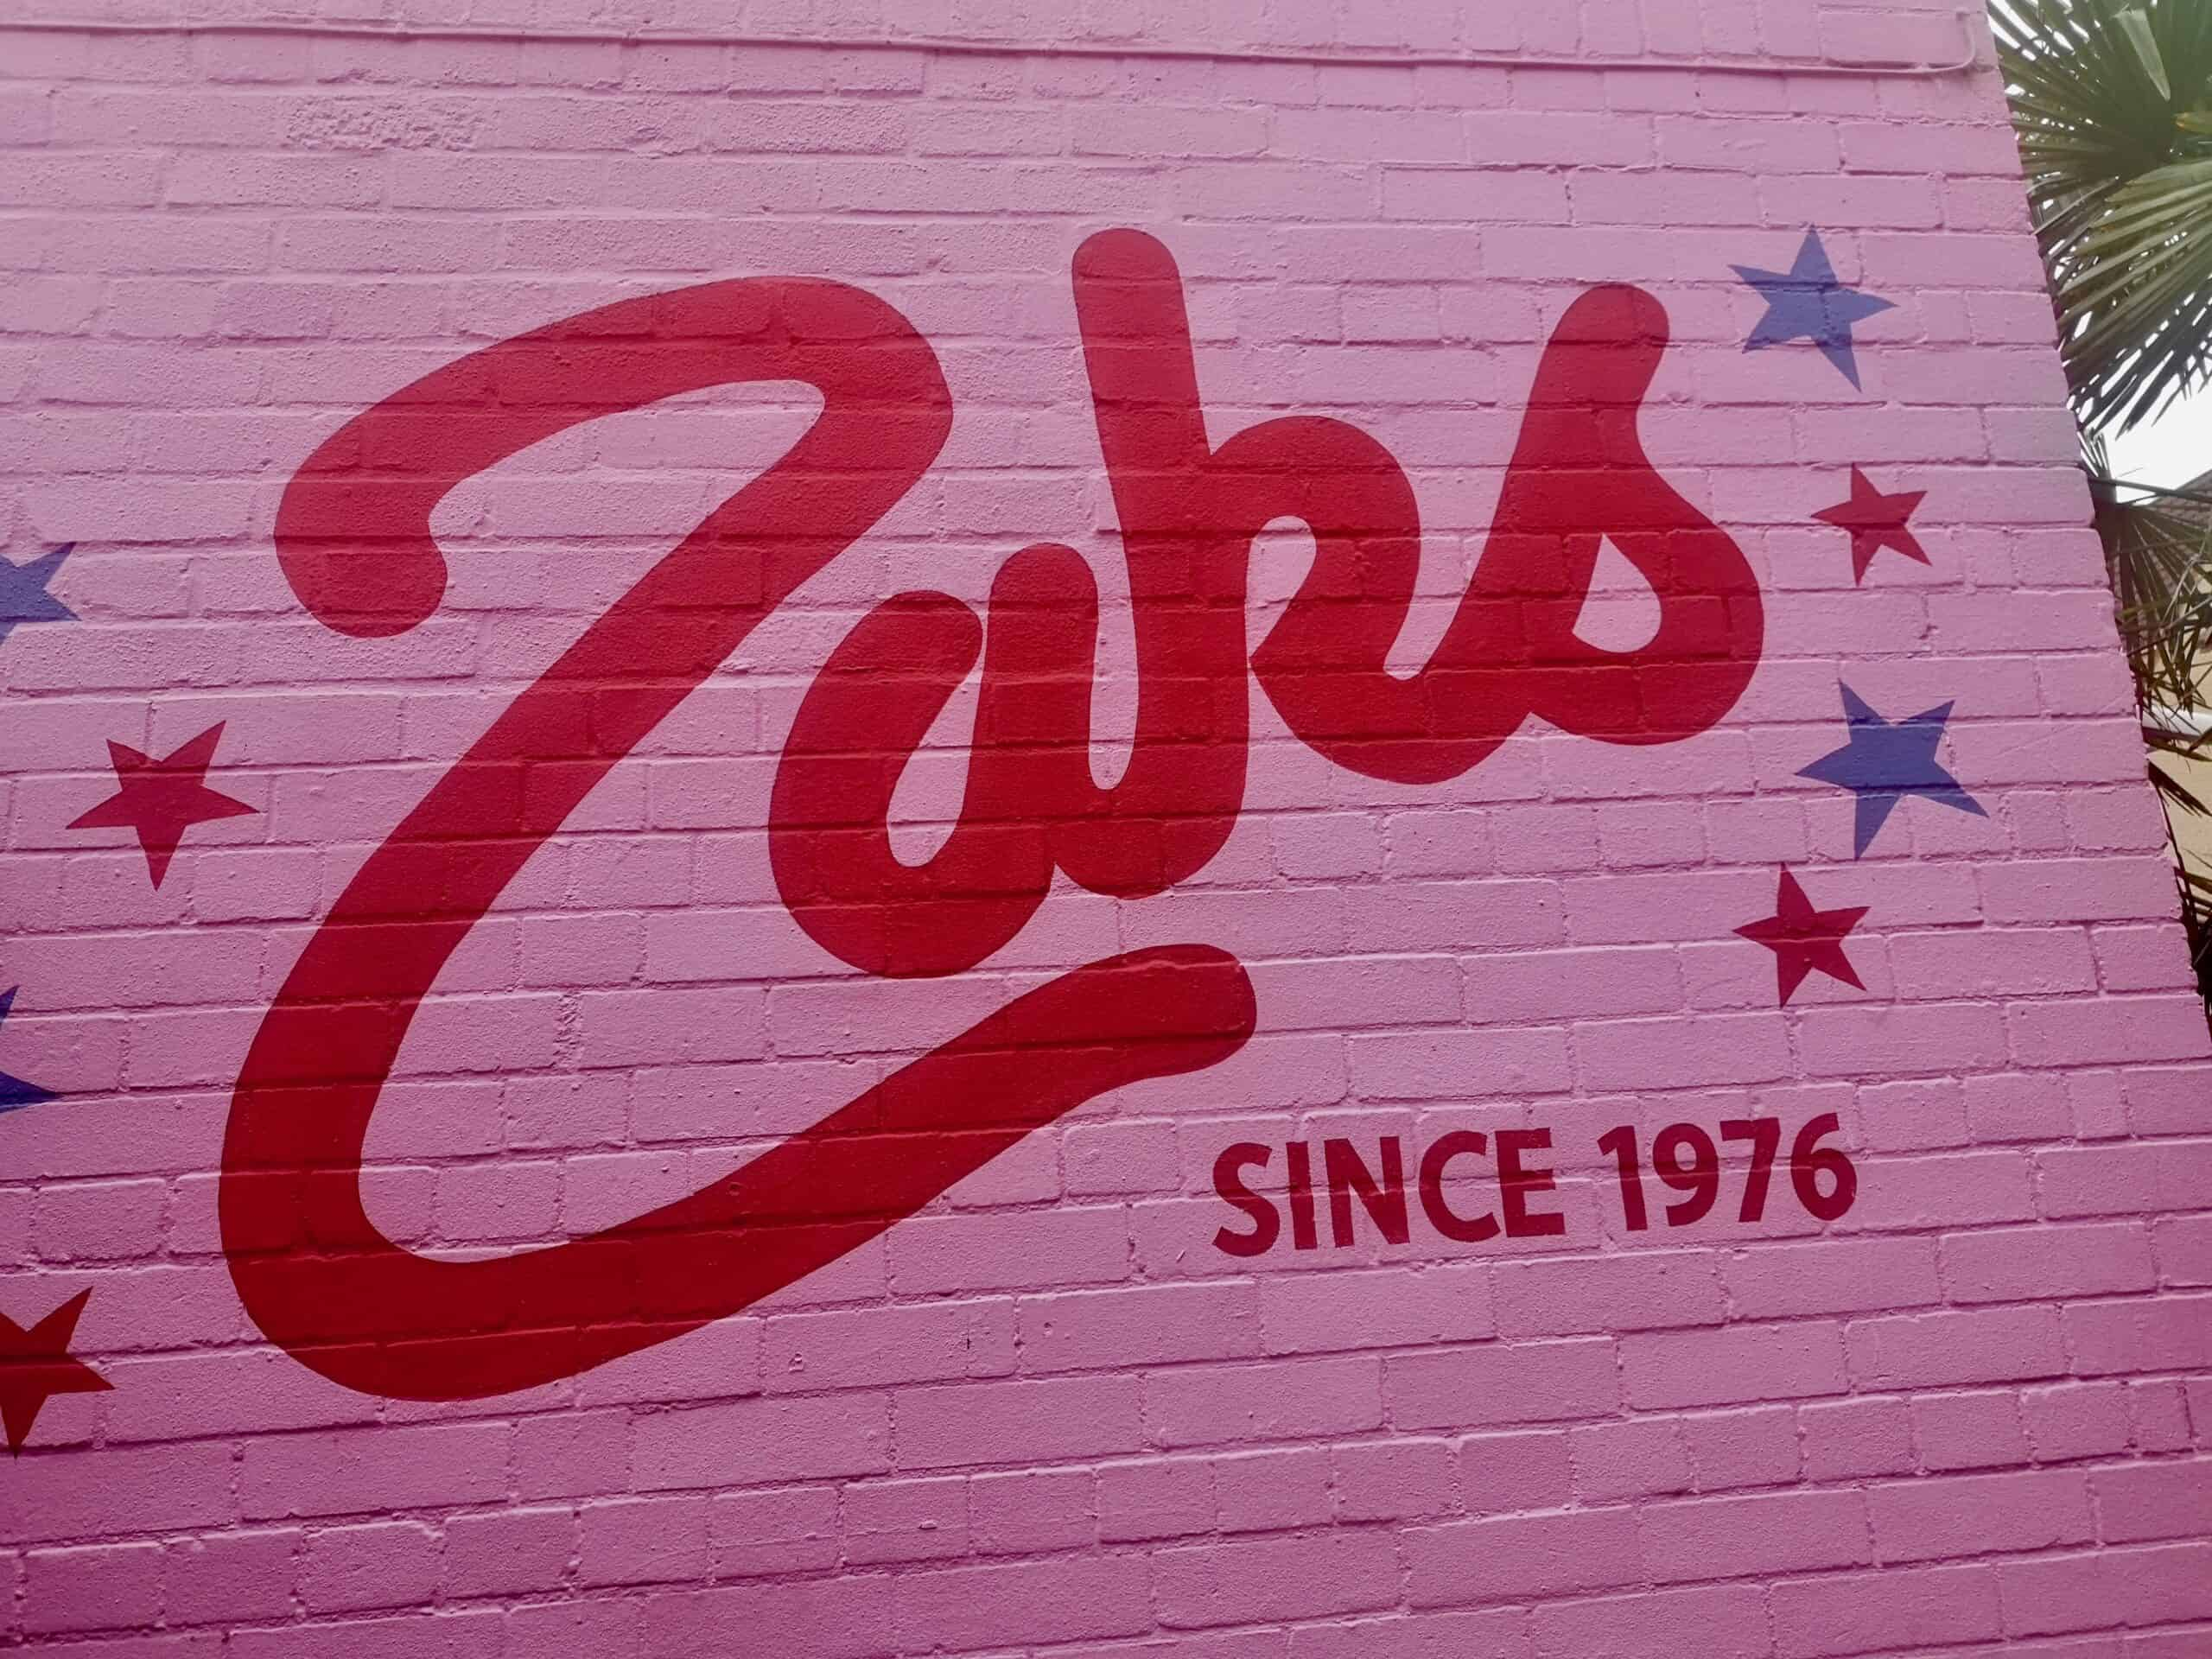 Zaks restaurant logo